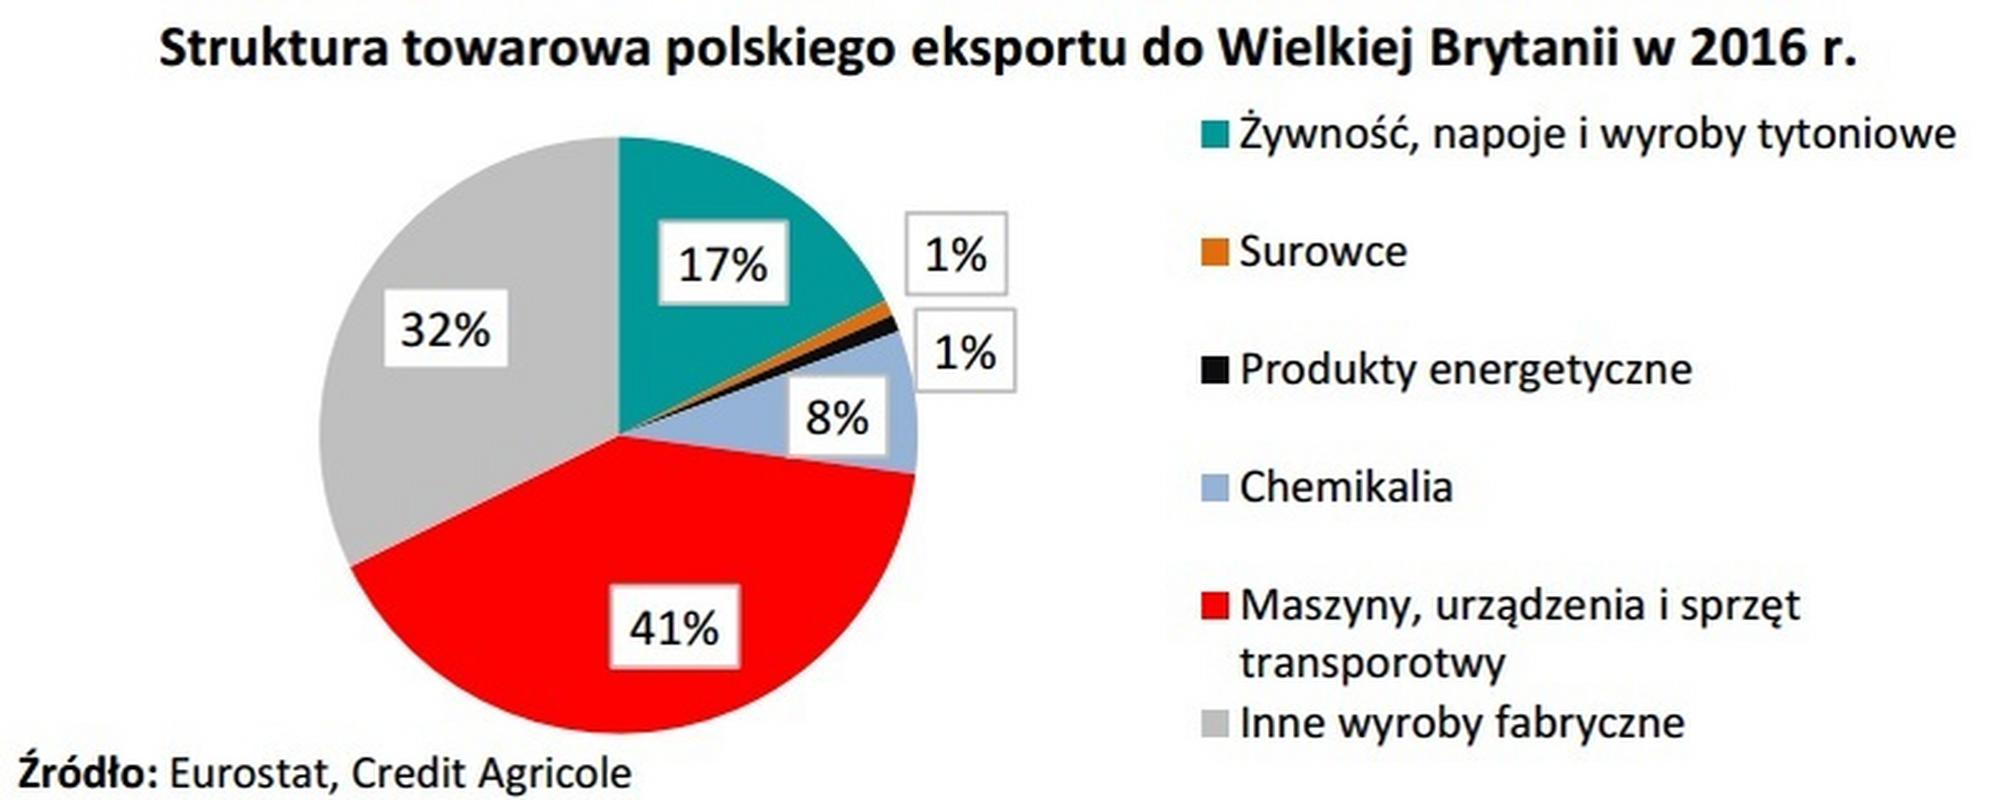 Struktura towarowa polskiego eksportu do Wielkiej Brytanii w 2016 r.